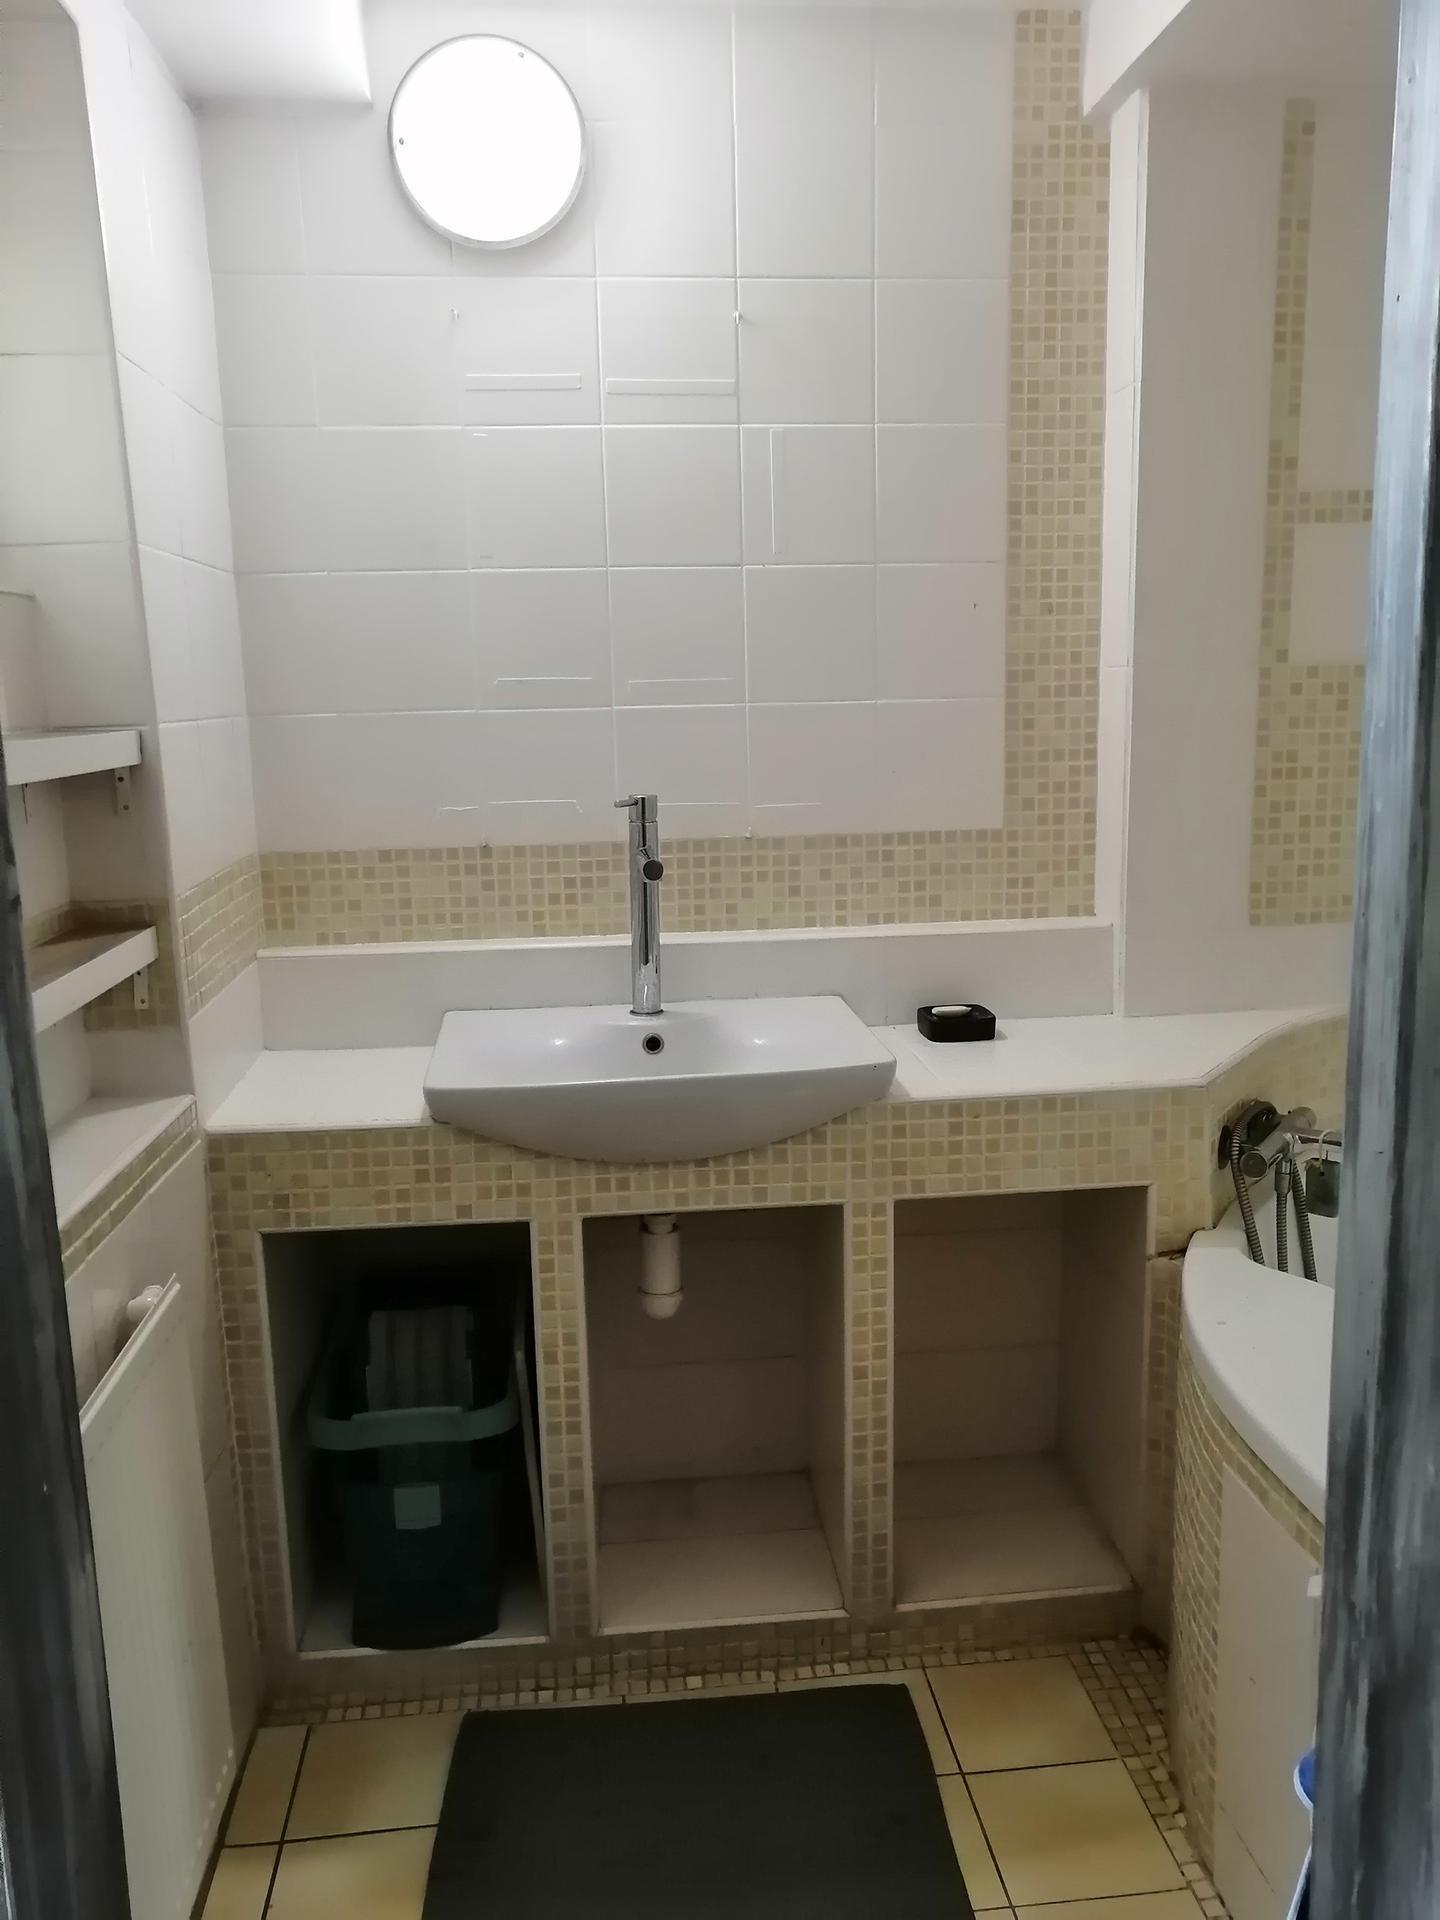 Rekonstrukce koupelny - Obrázek č. 5